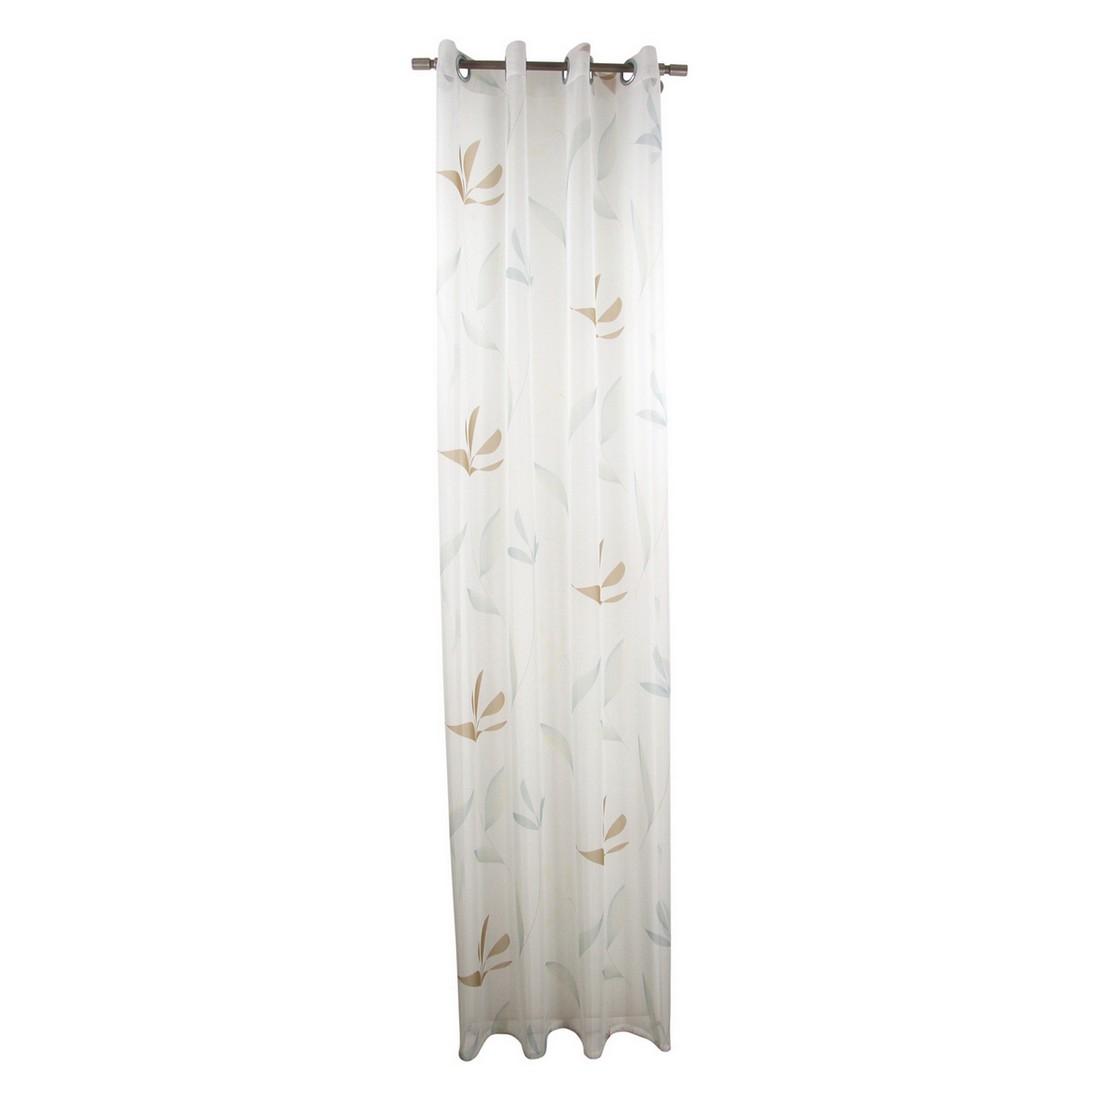 Gardine Moderne – Transparent – Türkis – Mit Ösen, MiBiento Living jetzt kaufen